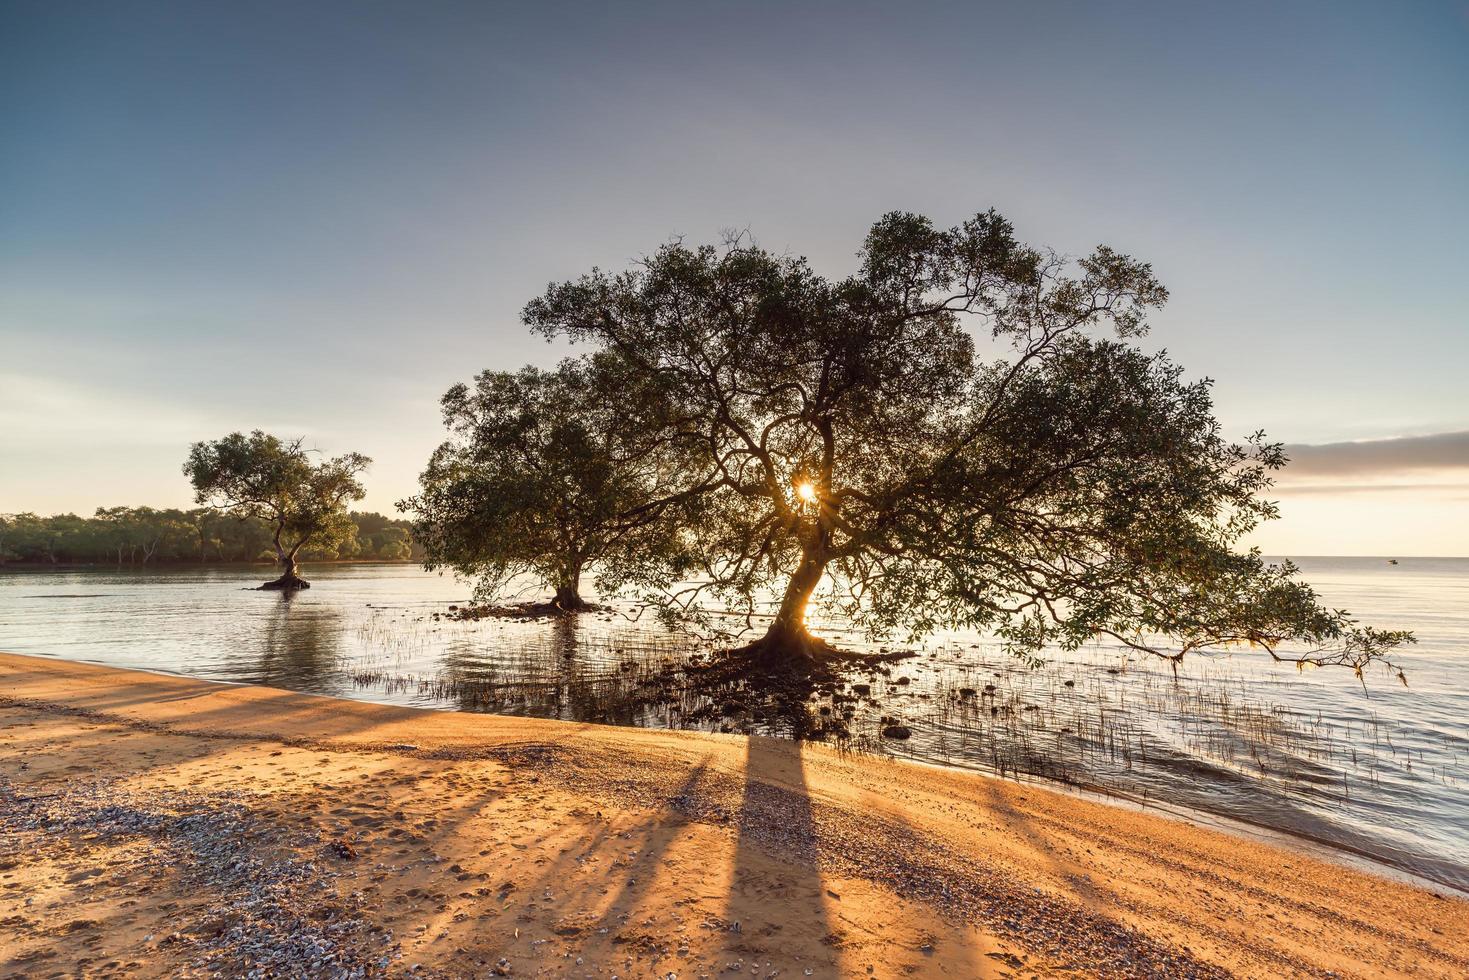 alberi in acqua in spiaggia foto